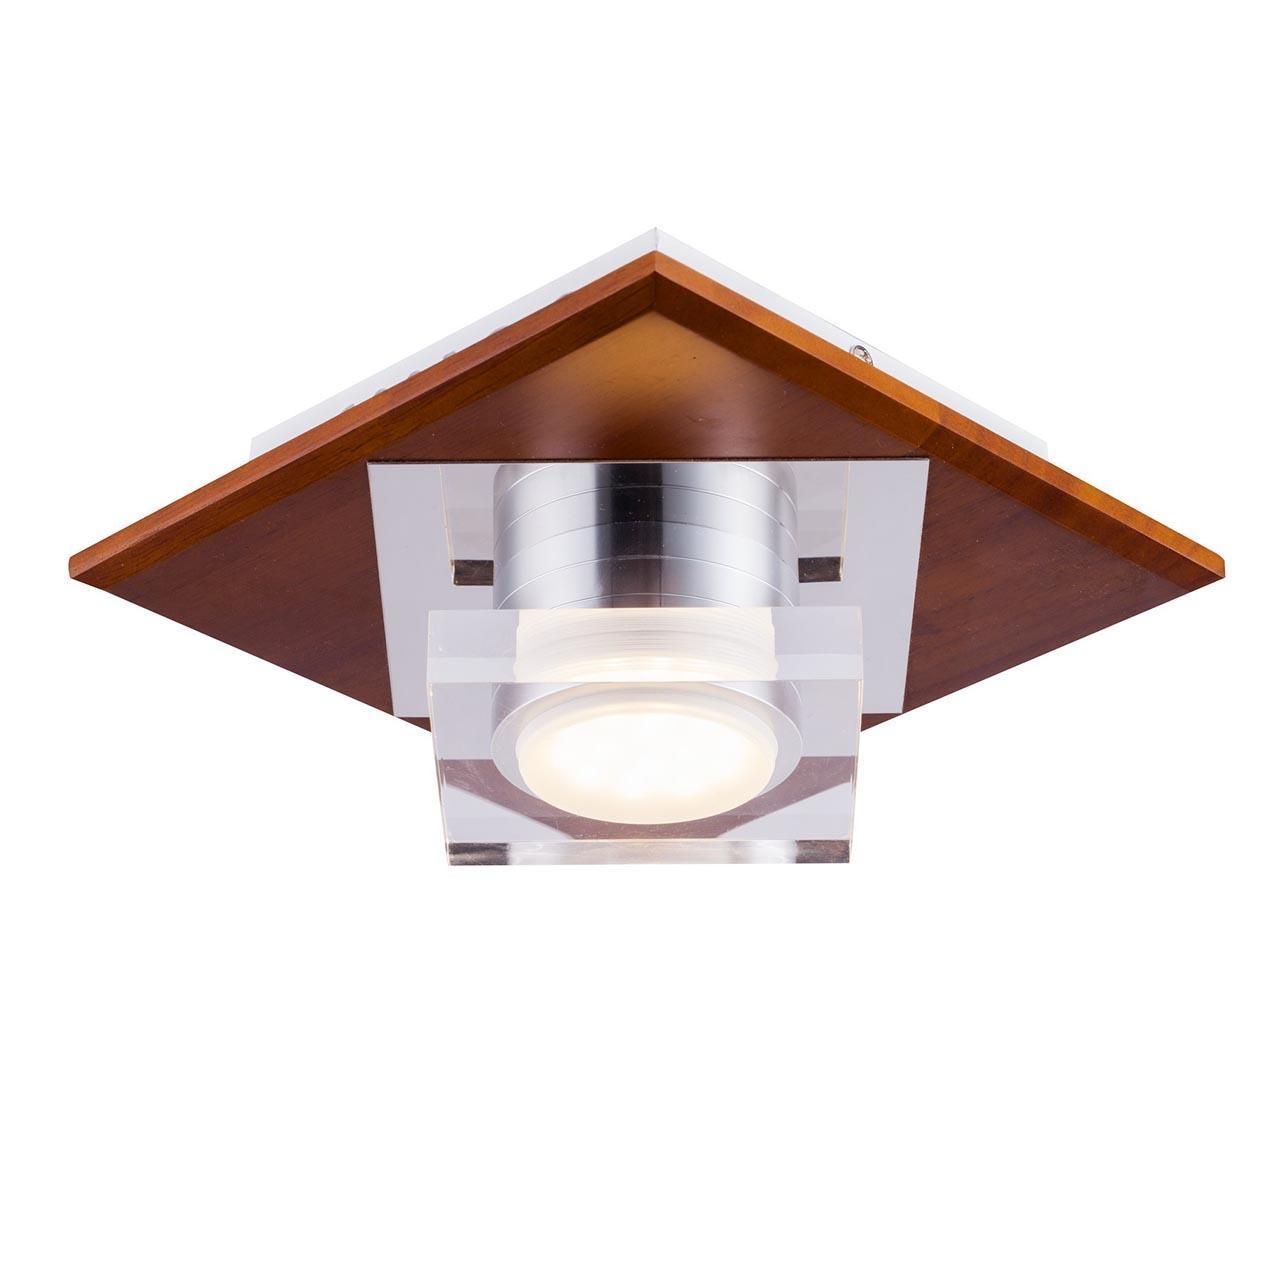 Потолочный светильник Lucia Tucci Natura 073.1 Led Venge